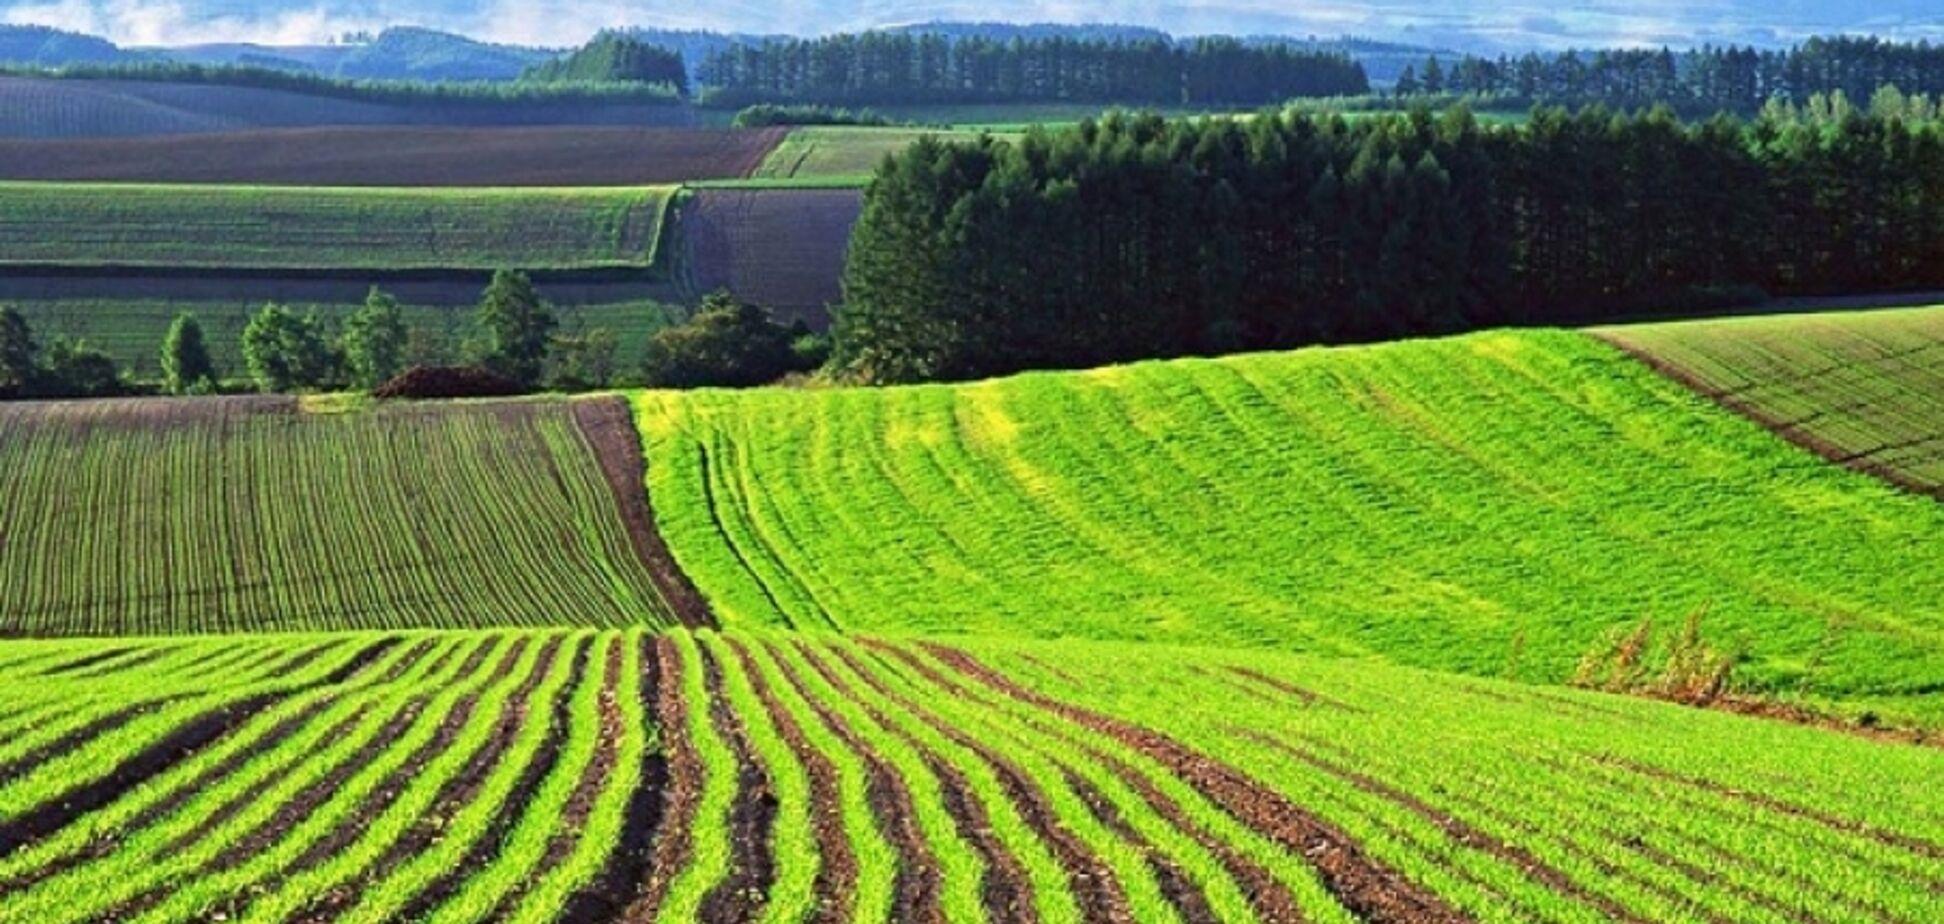 Ринок земель: завершальний геноцид українців